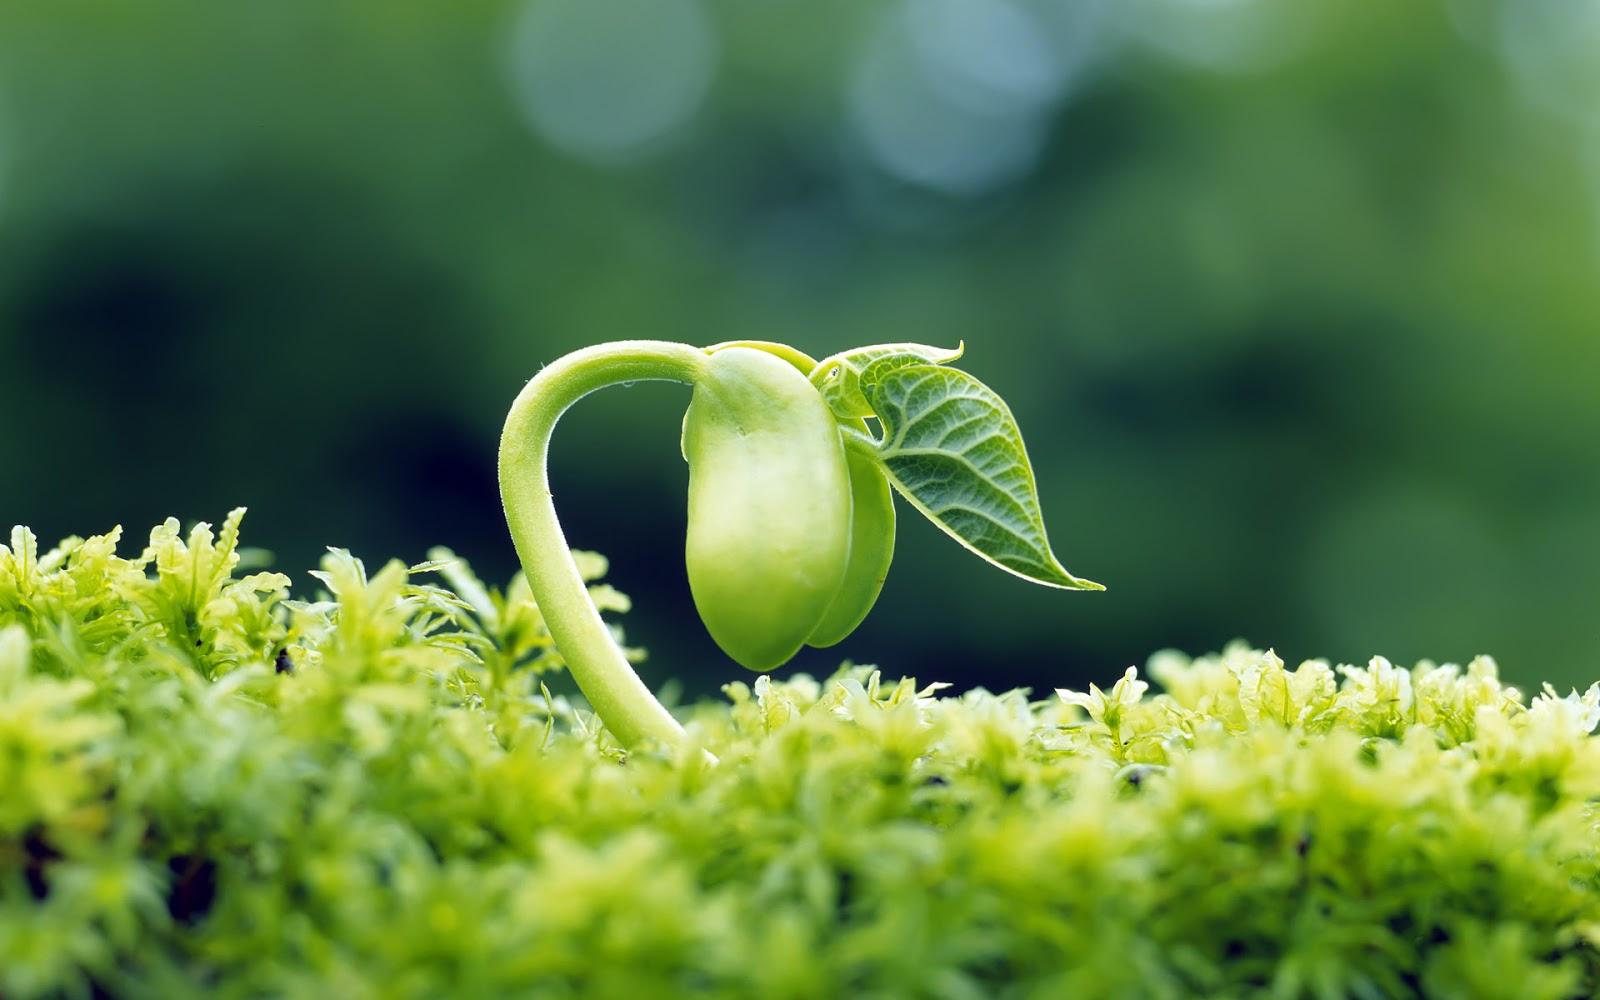 hình nền mầm cây lá tượng trưng cho bắt đầu của sự sống